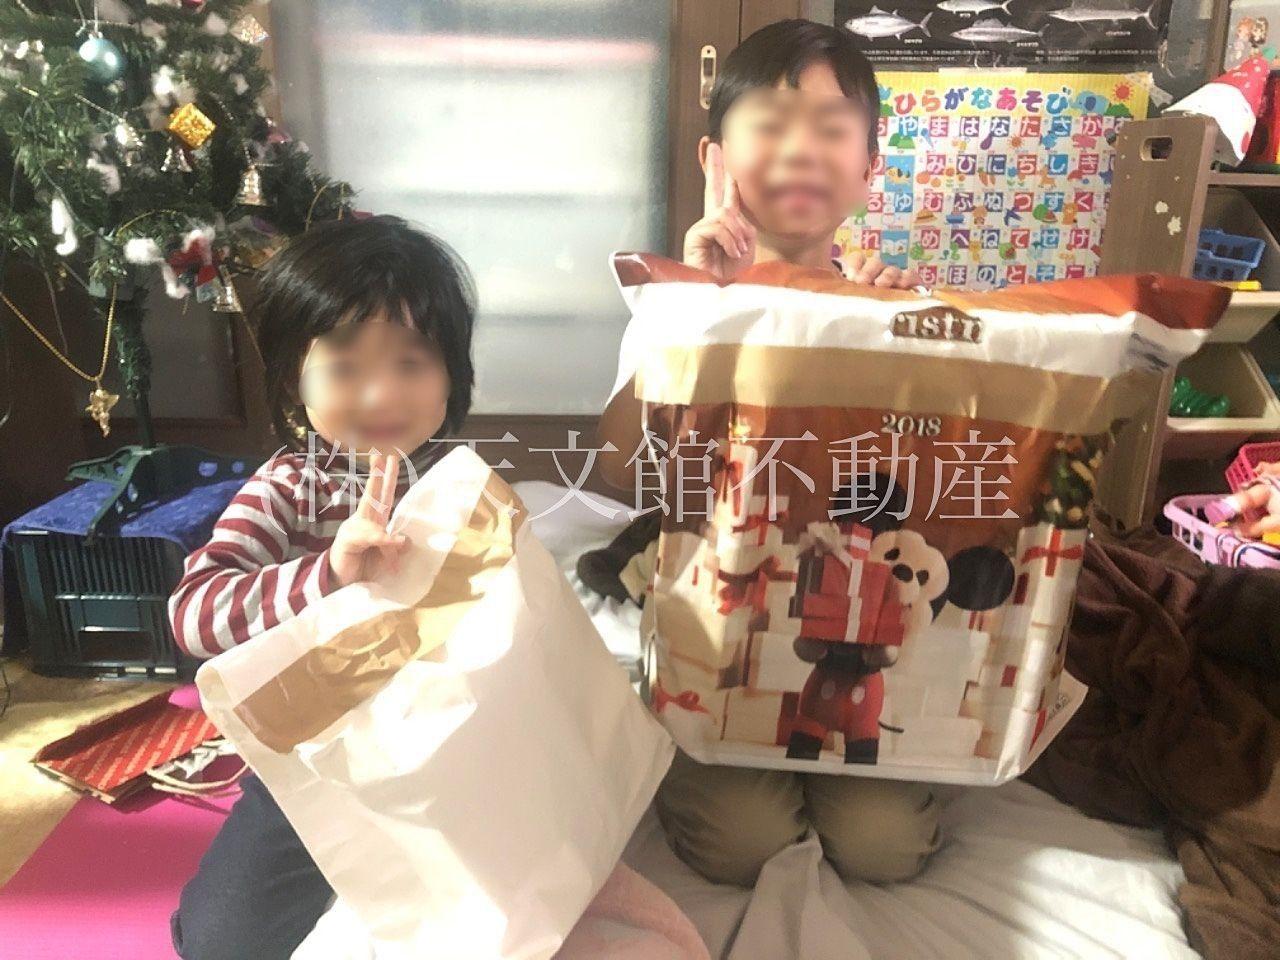 クリスマスのプレゼントがサンタさんから届きました。